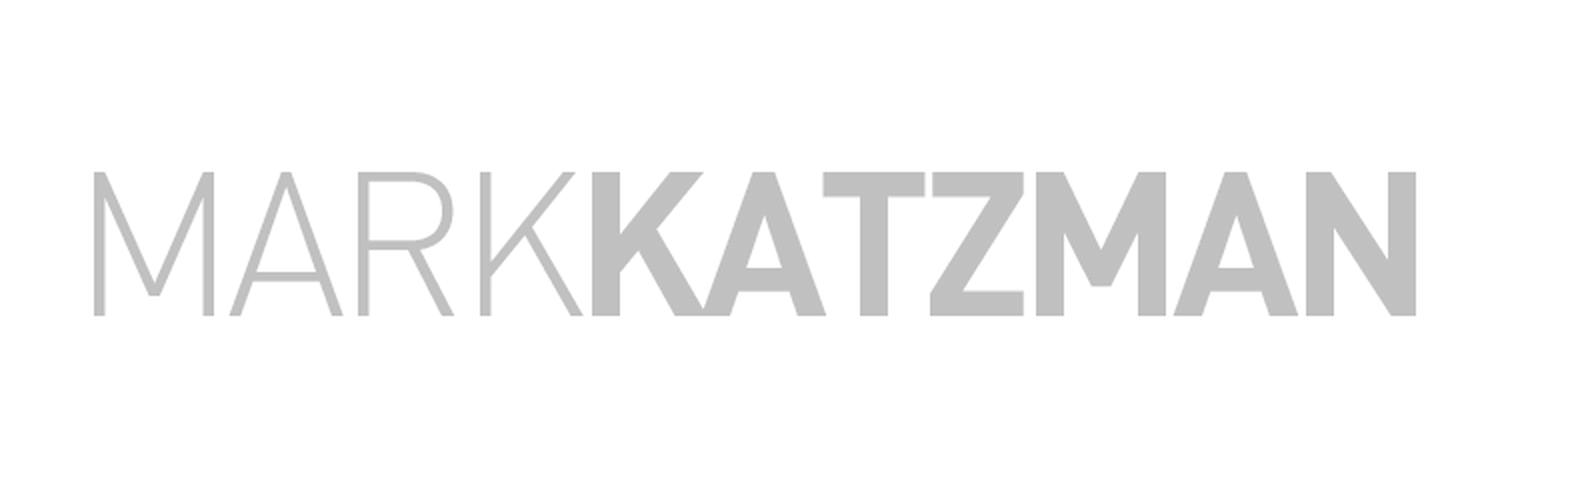 markkatzman.png